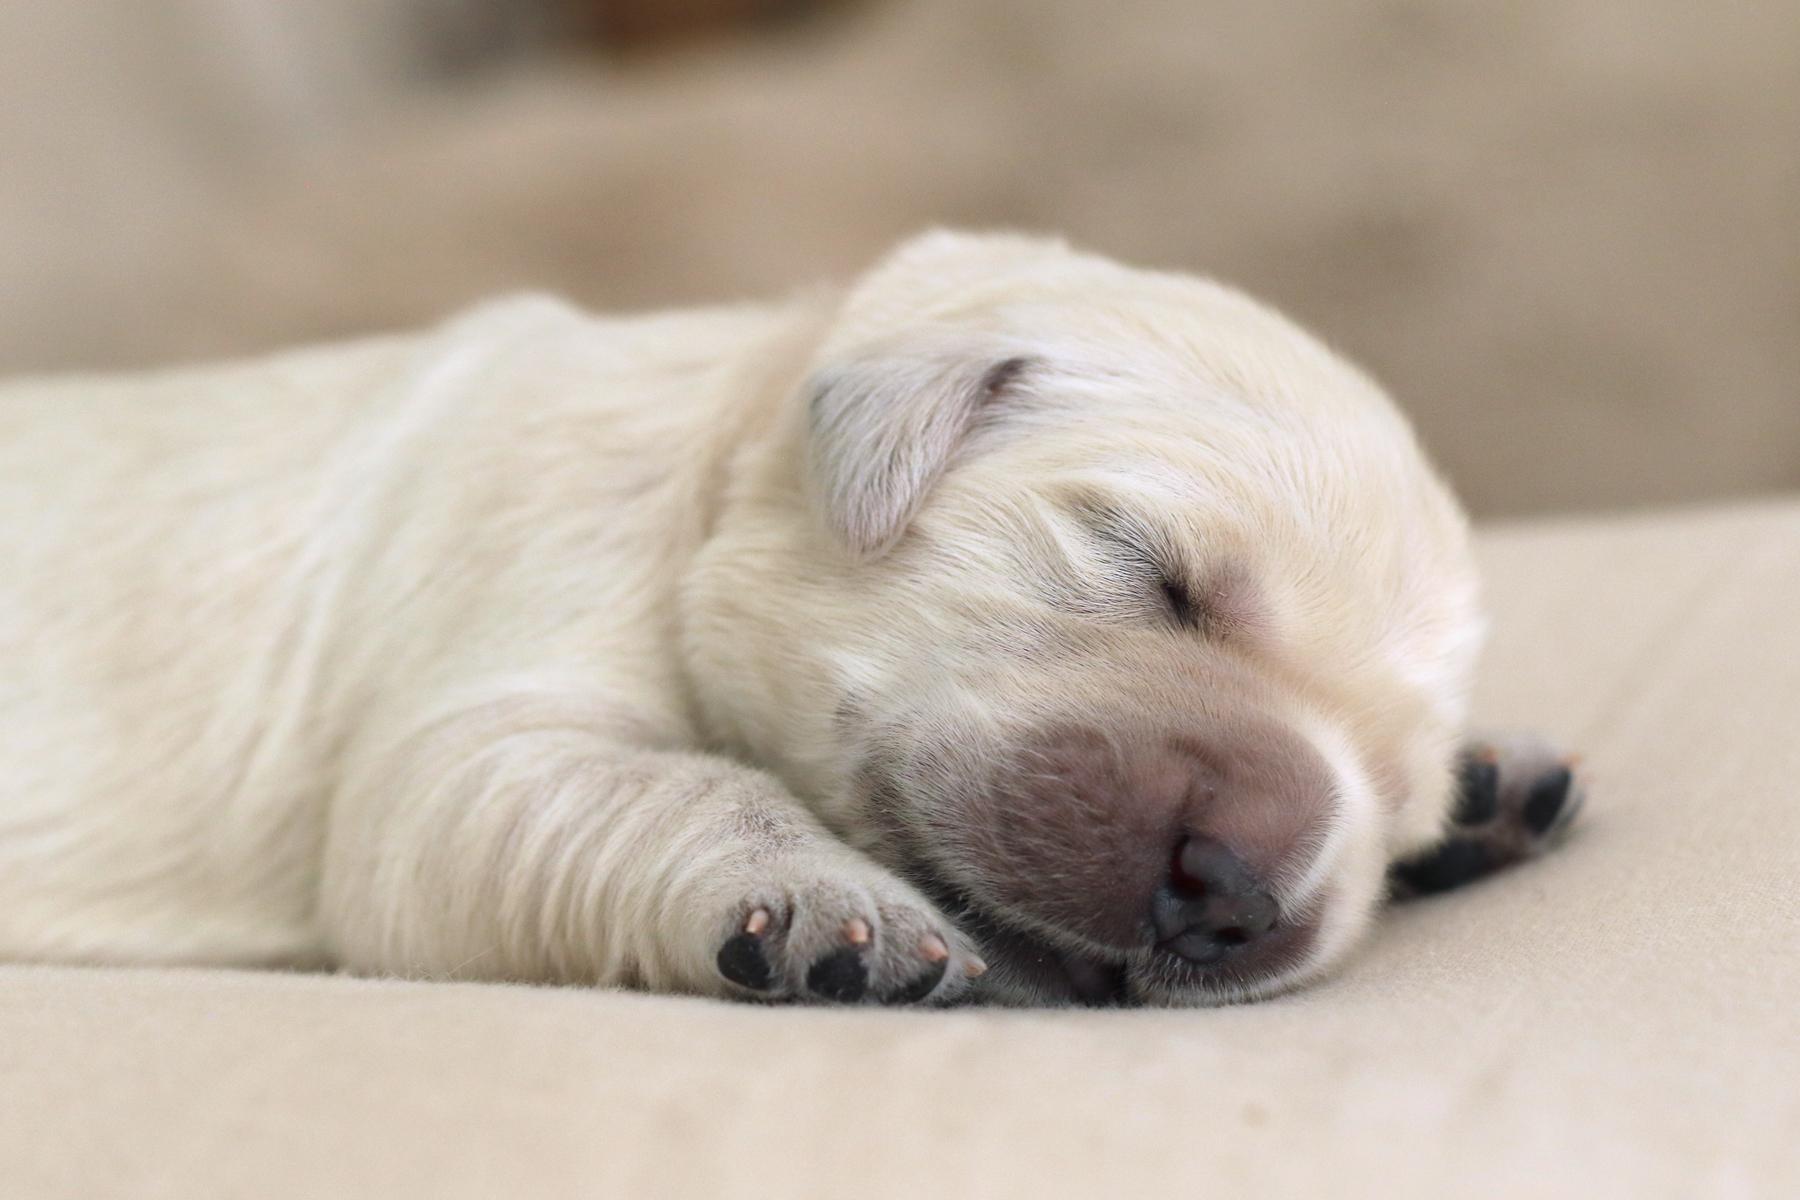 2019 05 17_1423 1 week old puppy.jpg